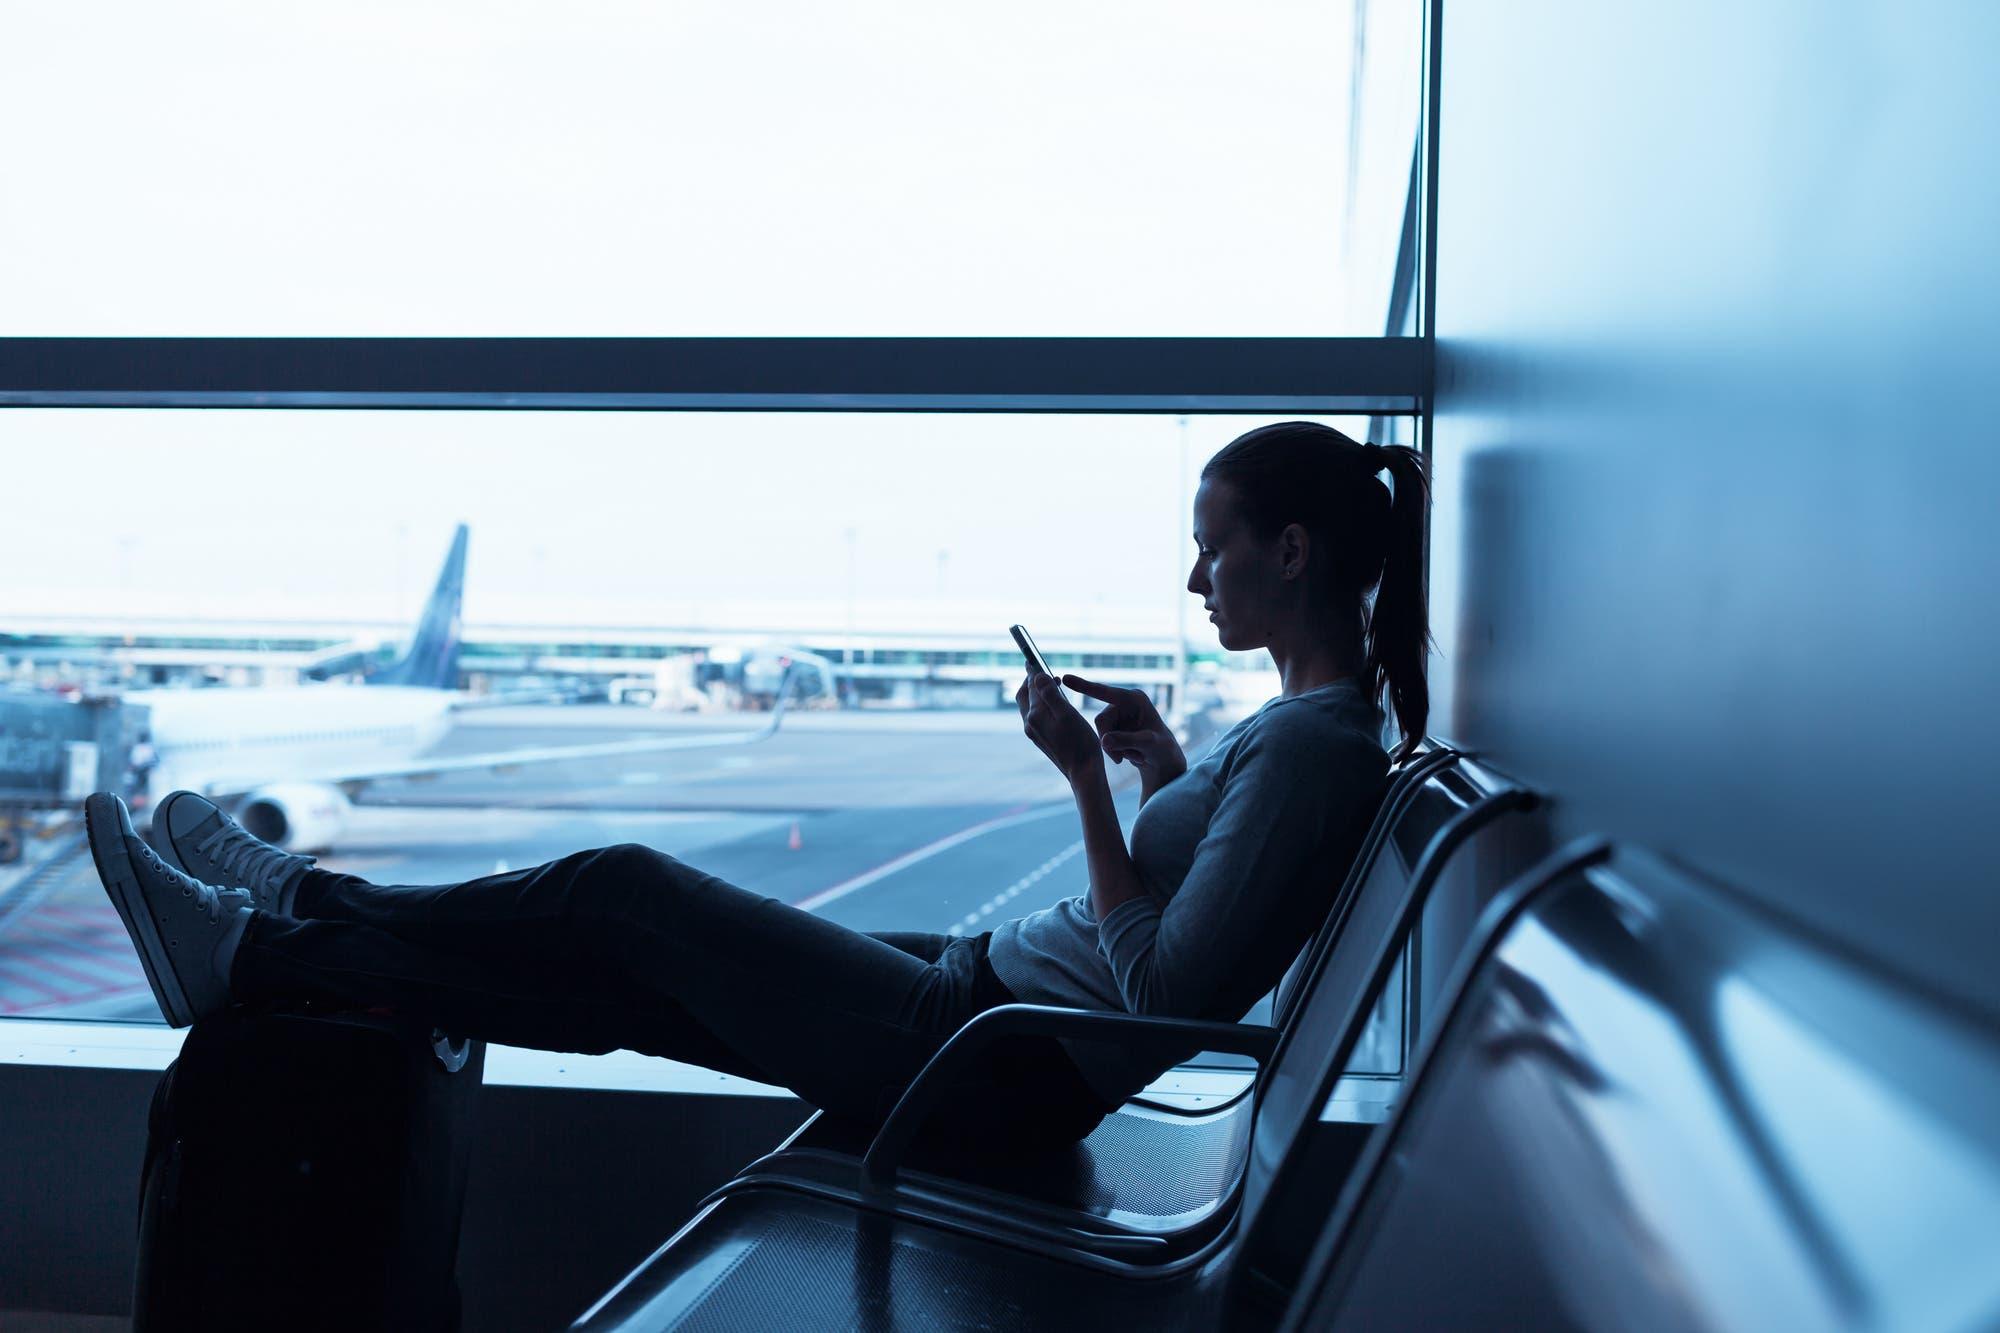 Para viajeros frecuentes: un mapa recopila las contraseñas de las redes Wi-Fi de aeropuertos de todo el mundo